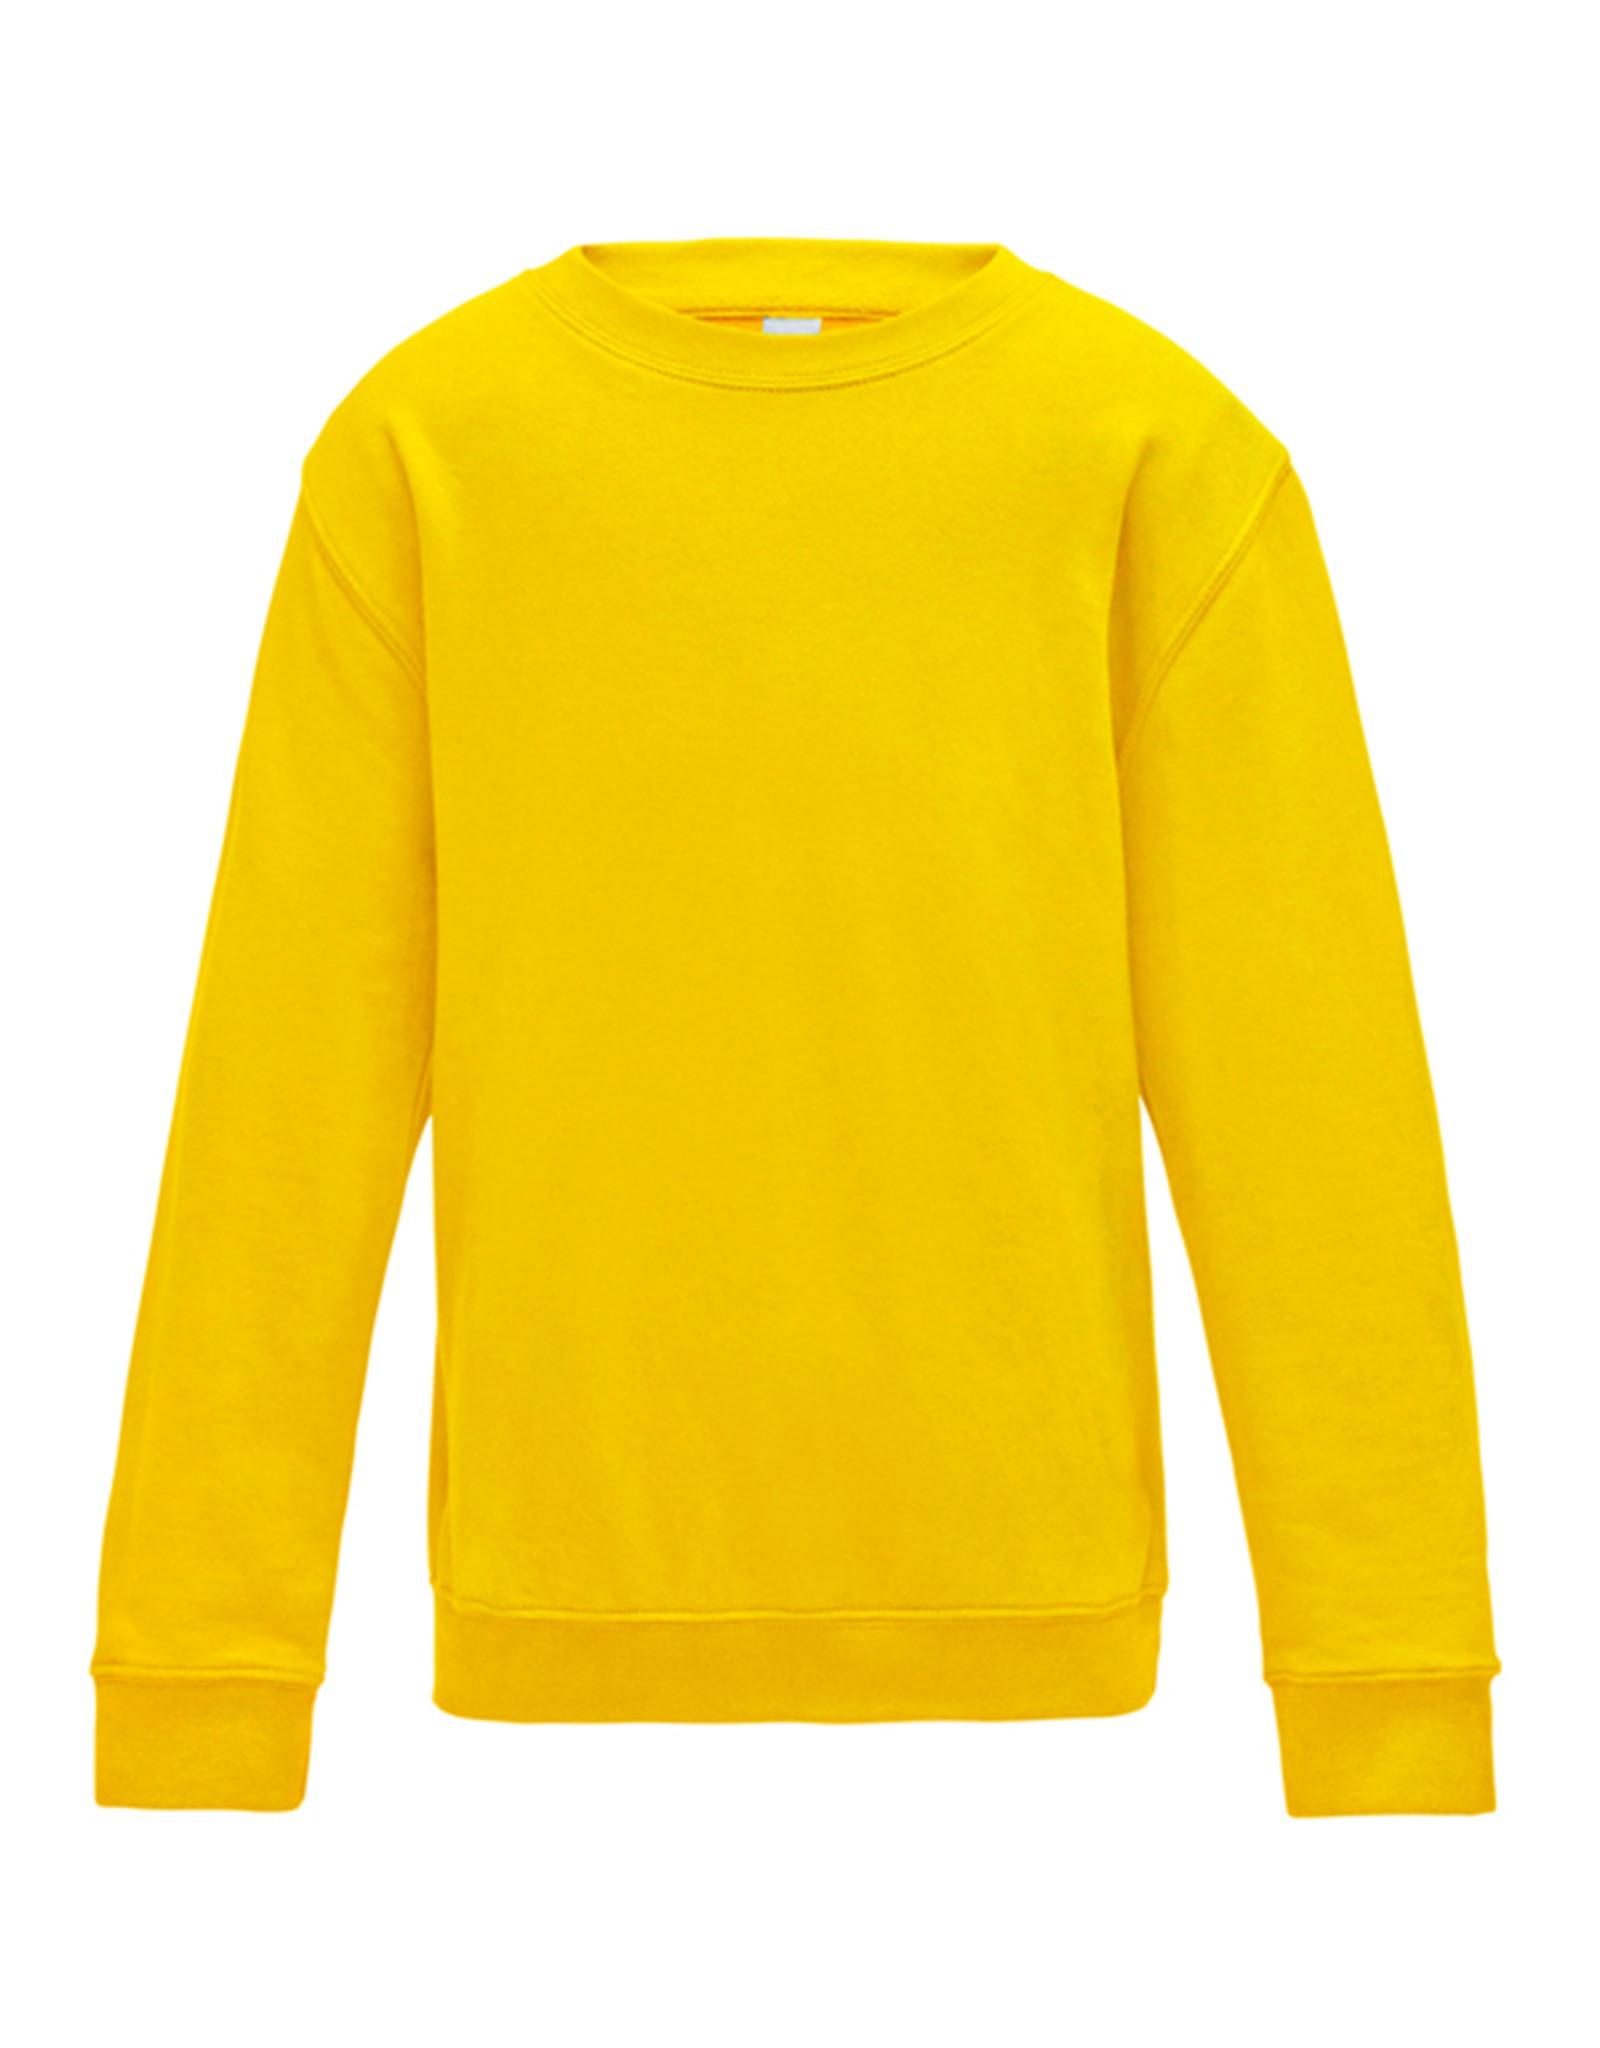 Kopie-Druk Kids sweater